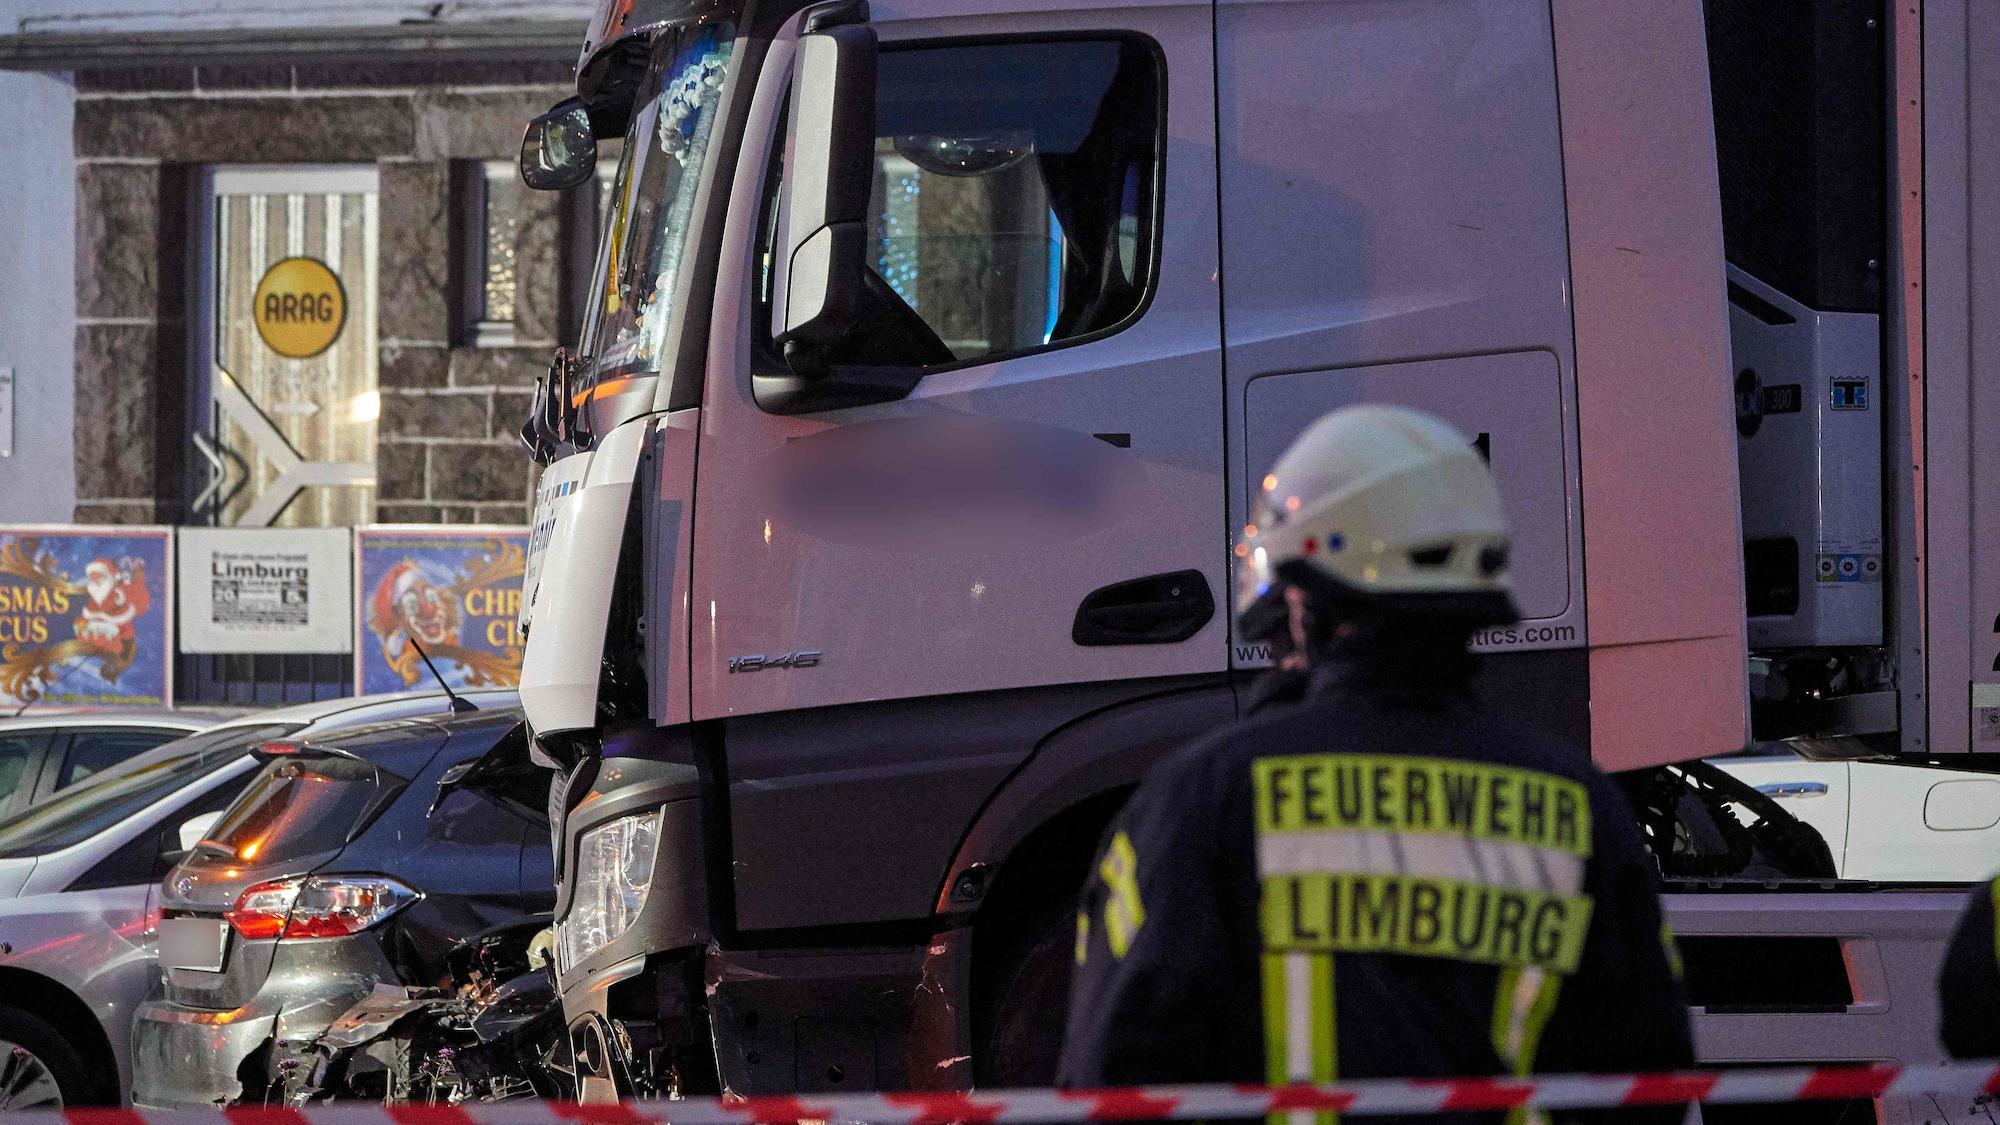 Syrer (32) verletzte neun Menschen: LKW-Amokfahrt in Limburg war kein Terroranschlag